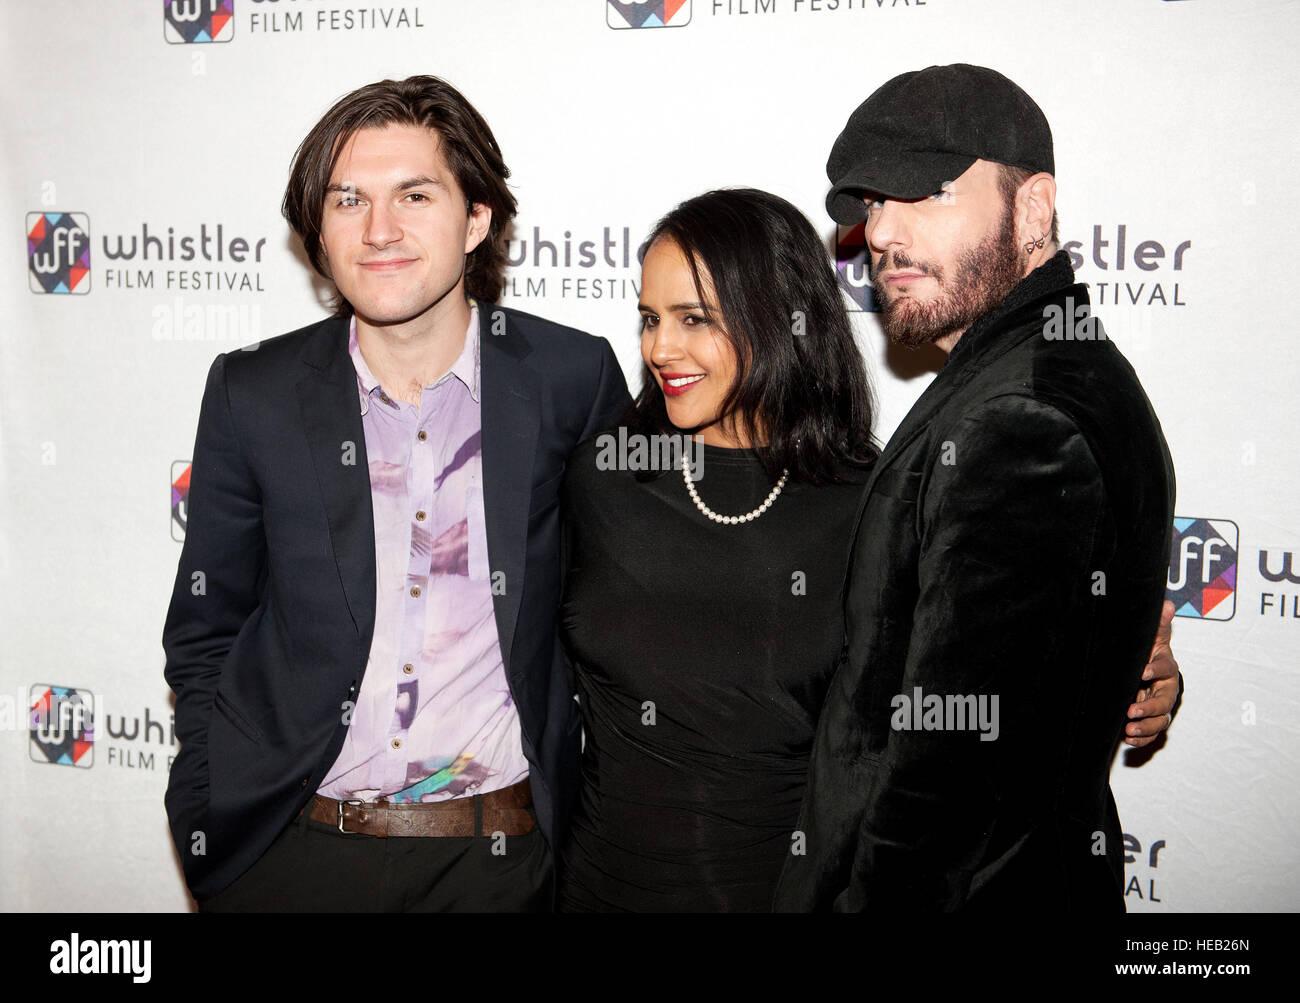 Schauspieler Charlie Kerr, Agam Darshi und Michael Ellund Fuß dem roten Teppich am Eröffnungsabend des Stockbild